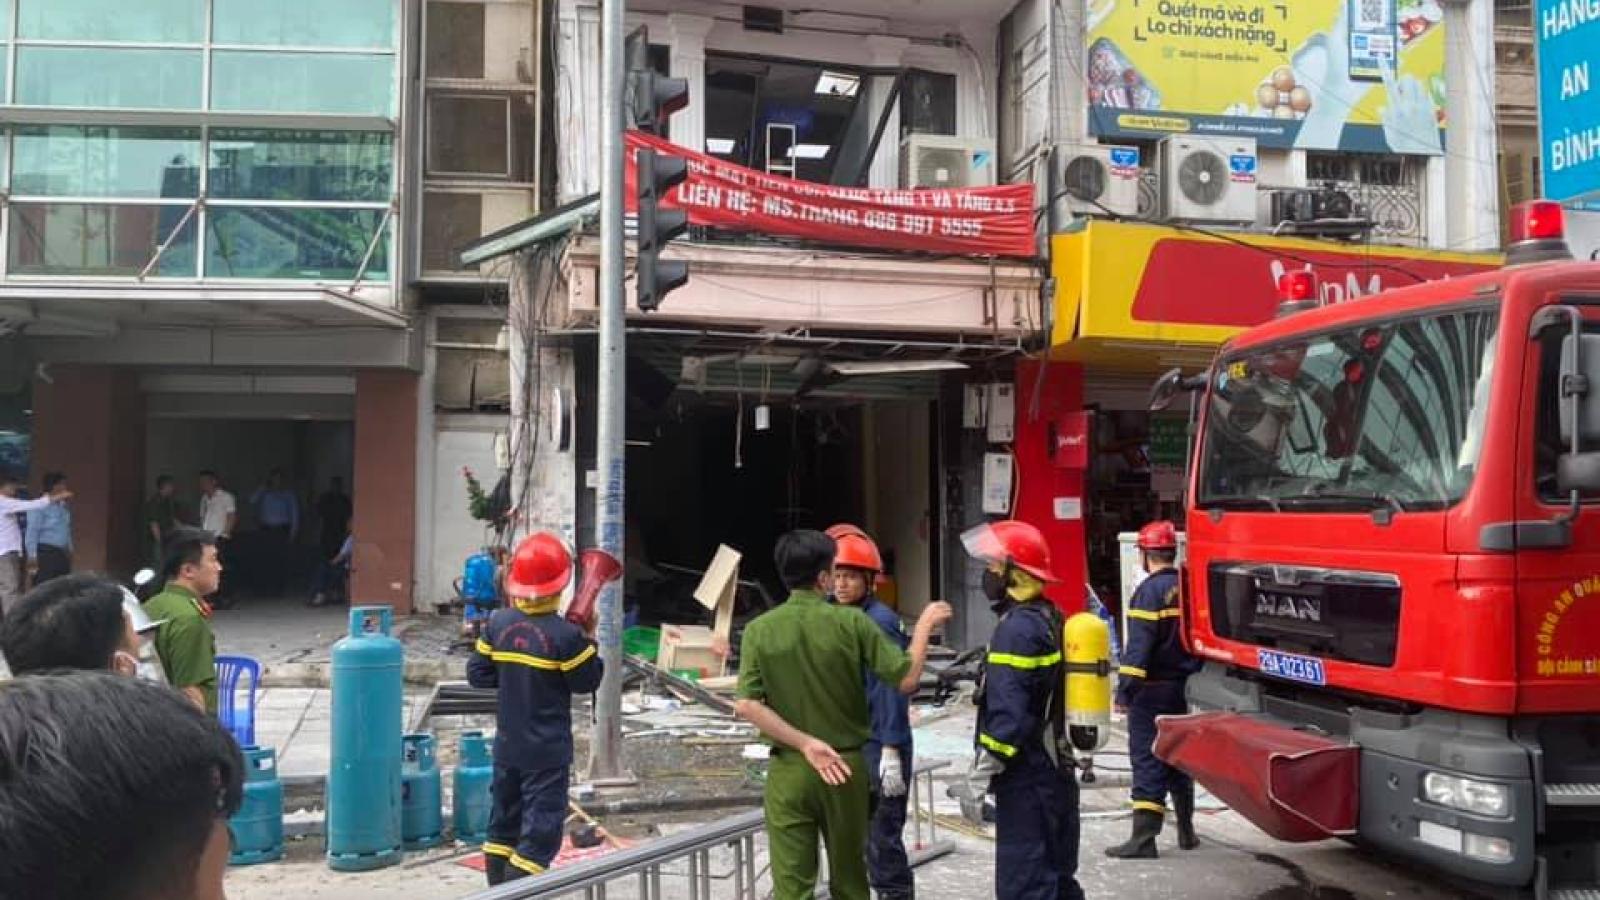 Nổ lớn tại 1 nhà hàng trên phố cổ Hà Nội khiến nhiều người bị thương